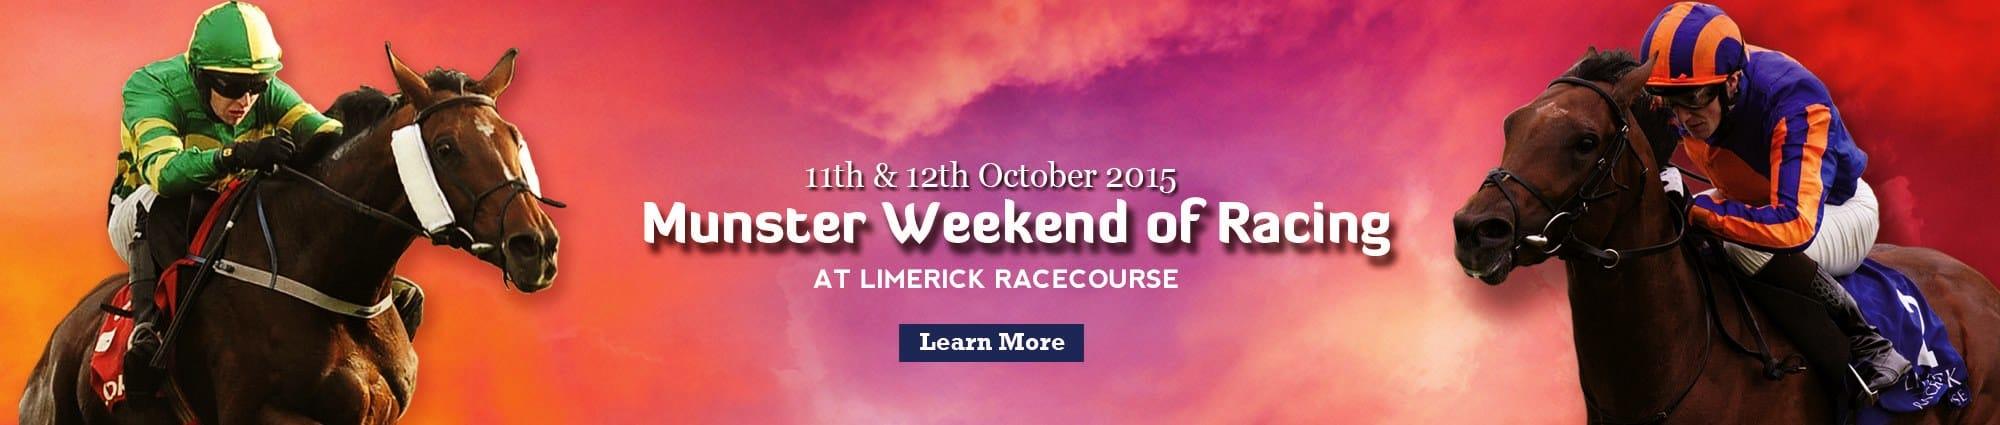 munster-weekend-of-racing-limerick-2015